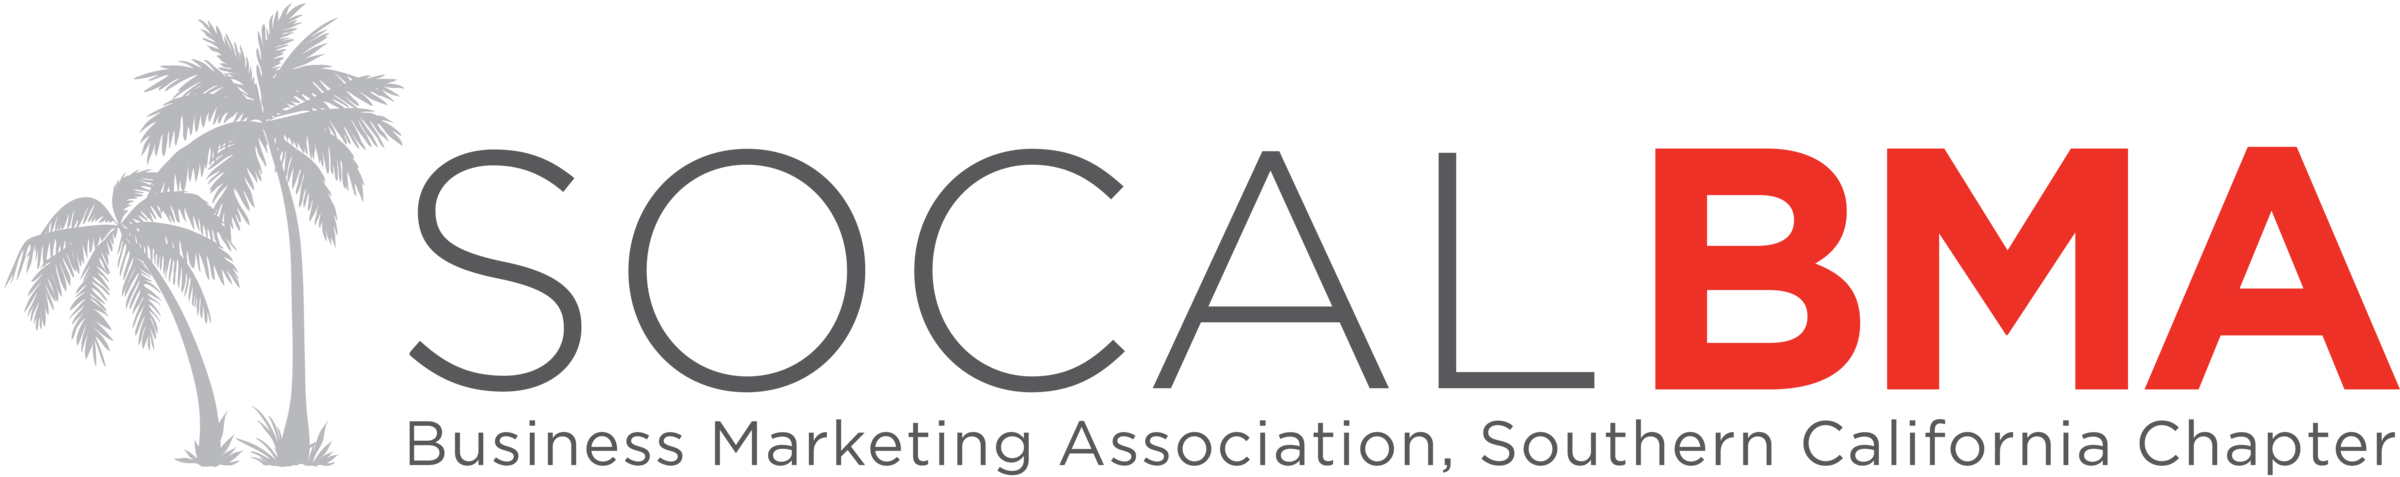 SCBMA-Logo-Palm_2015-1215.png